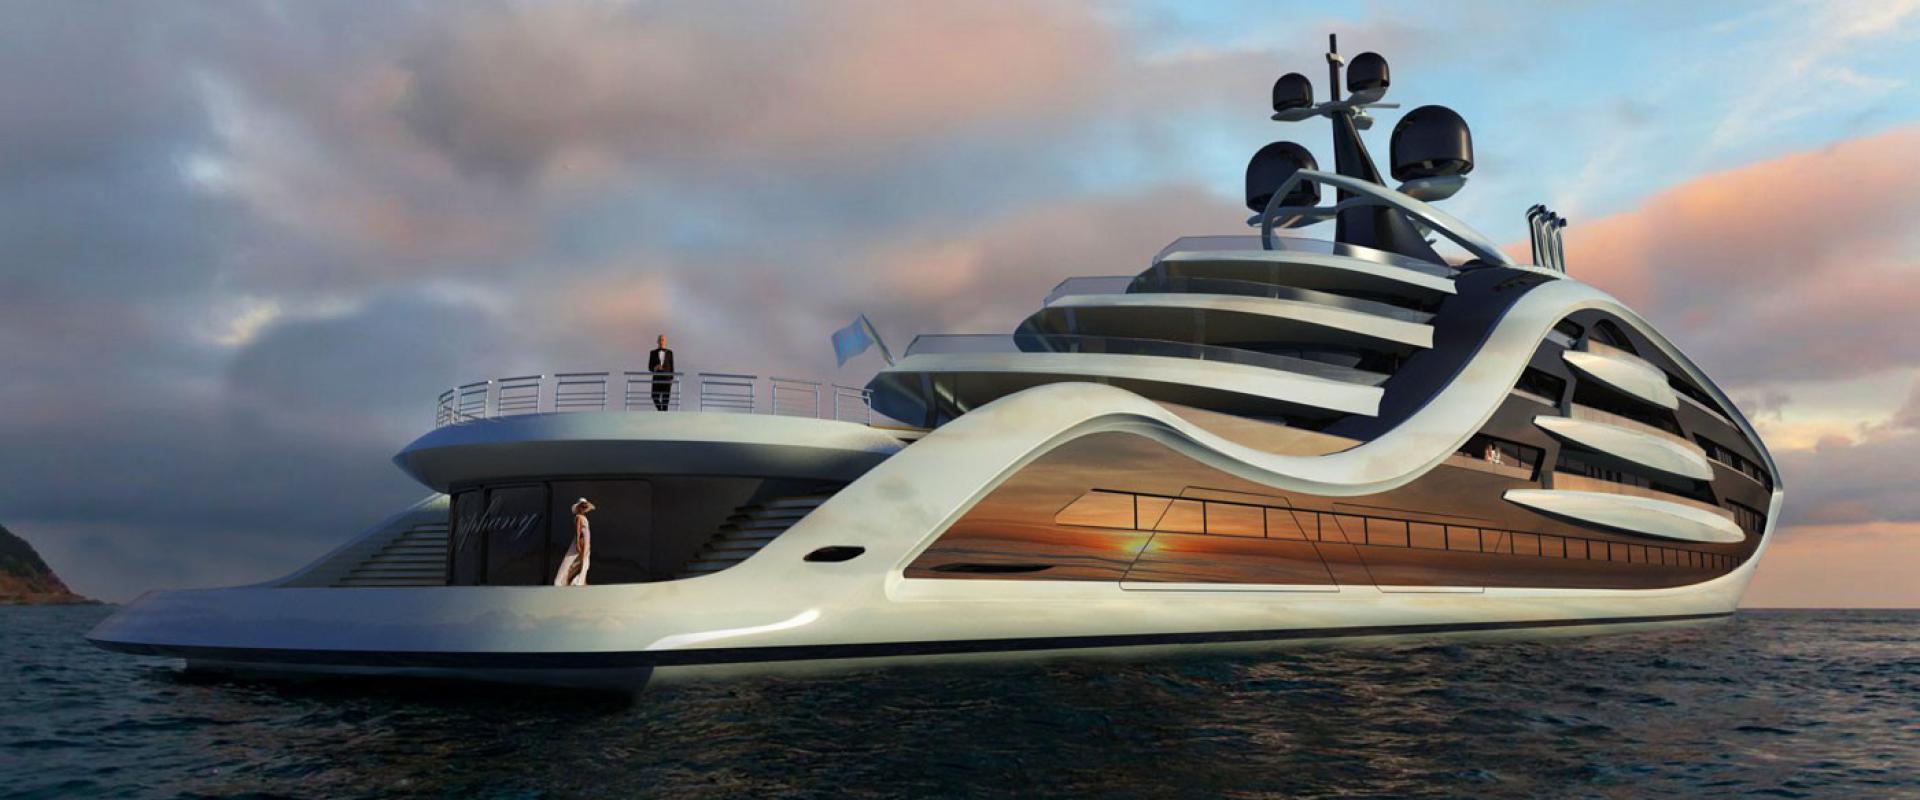 Alla scoperta di Epiphany, lo yacht più costoso del mondo_0-itok=B_69t-U4.jpg